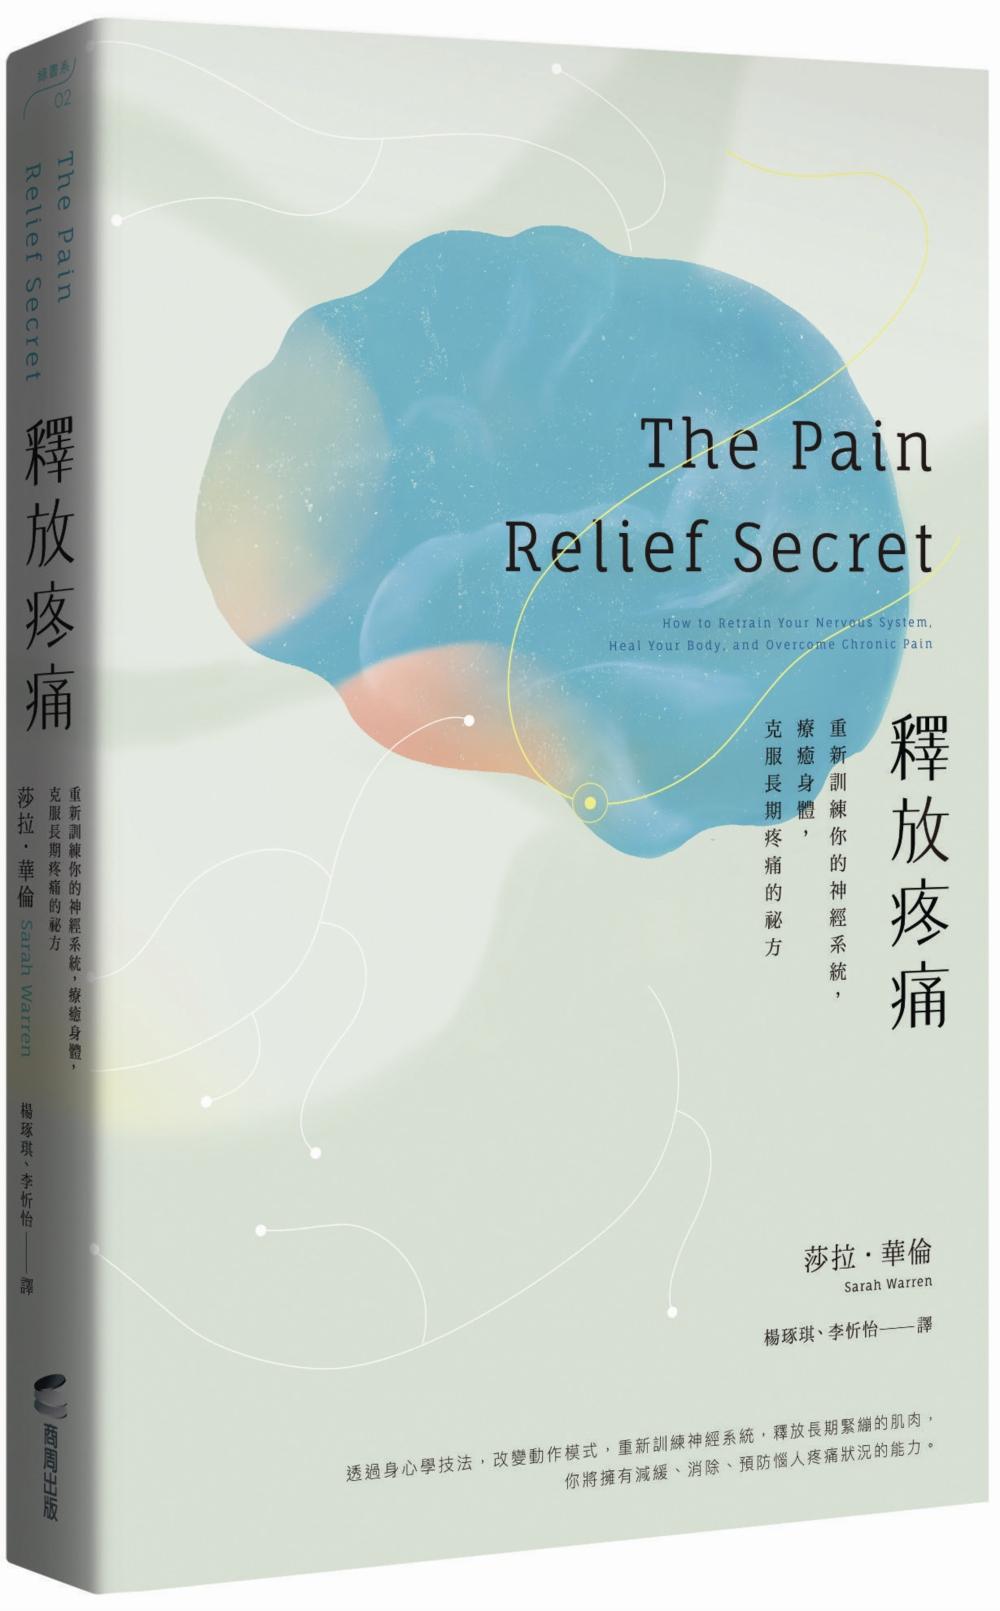 釋放疼痛:重新訓練你的神經系統,修復身體,克服長期疼痛的祕方